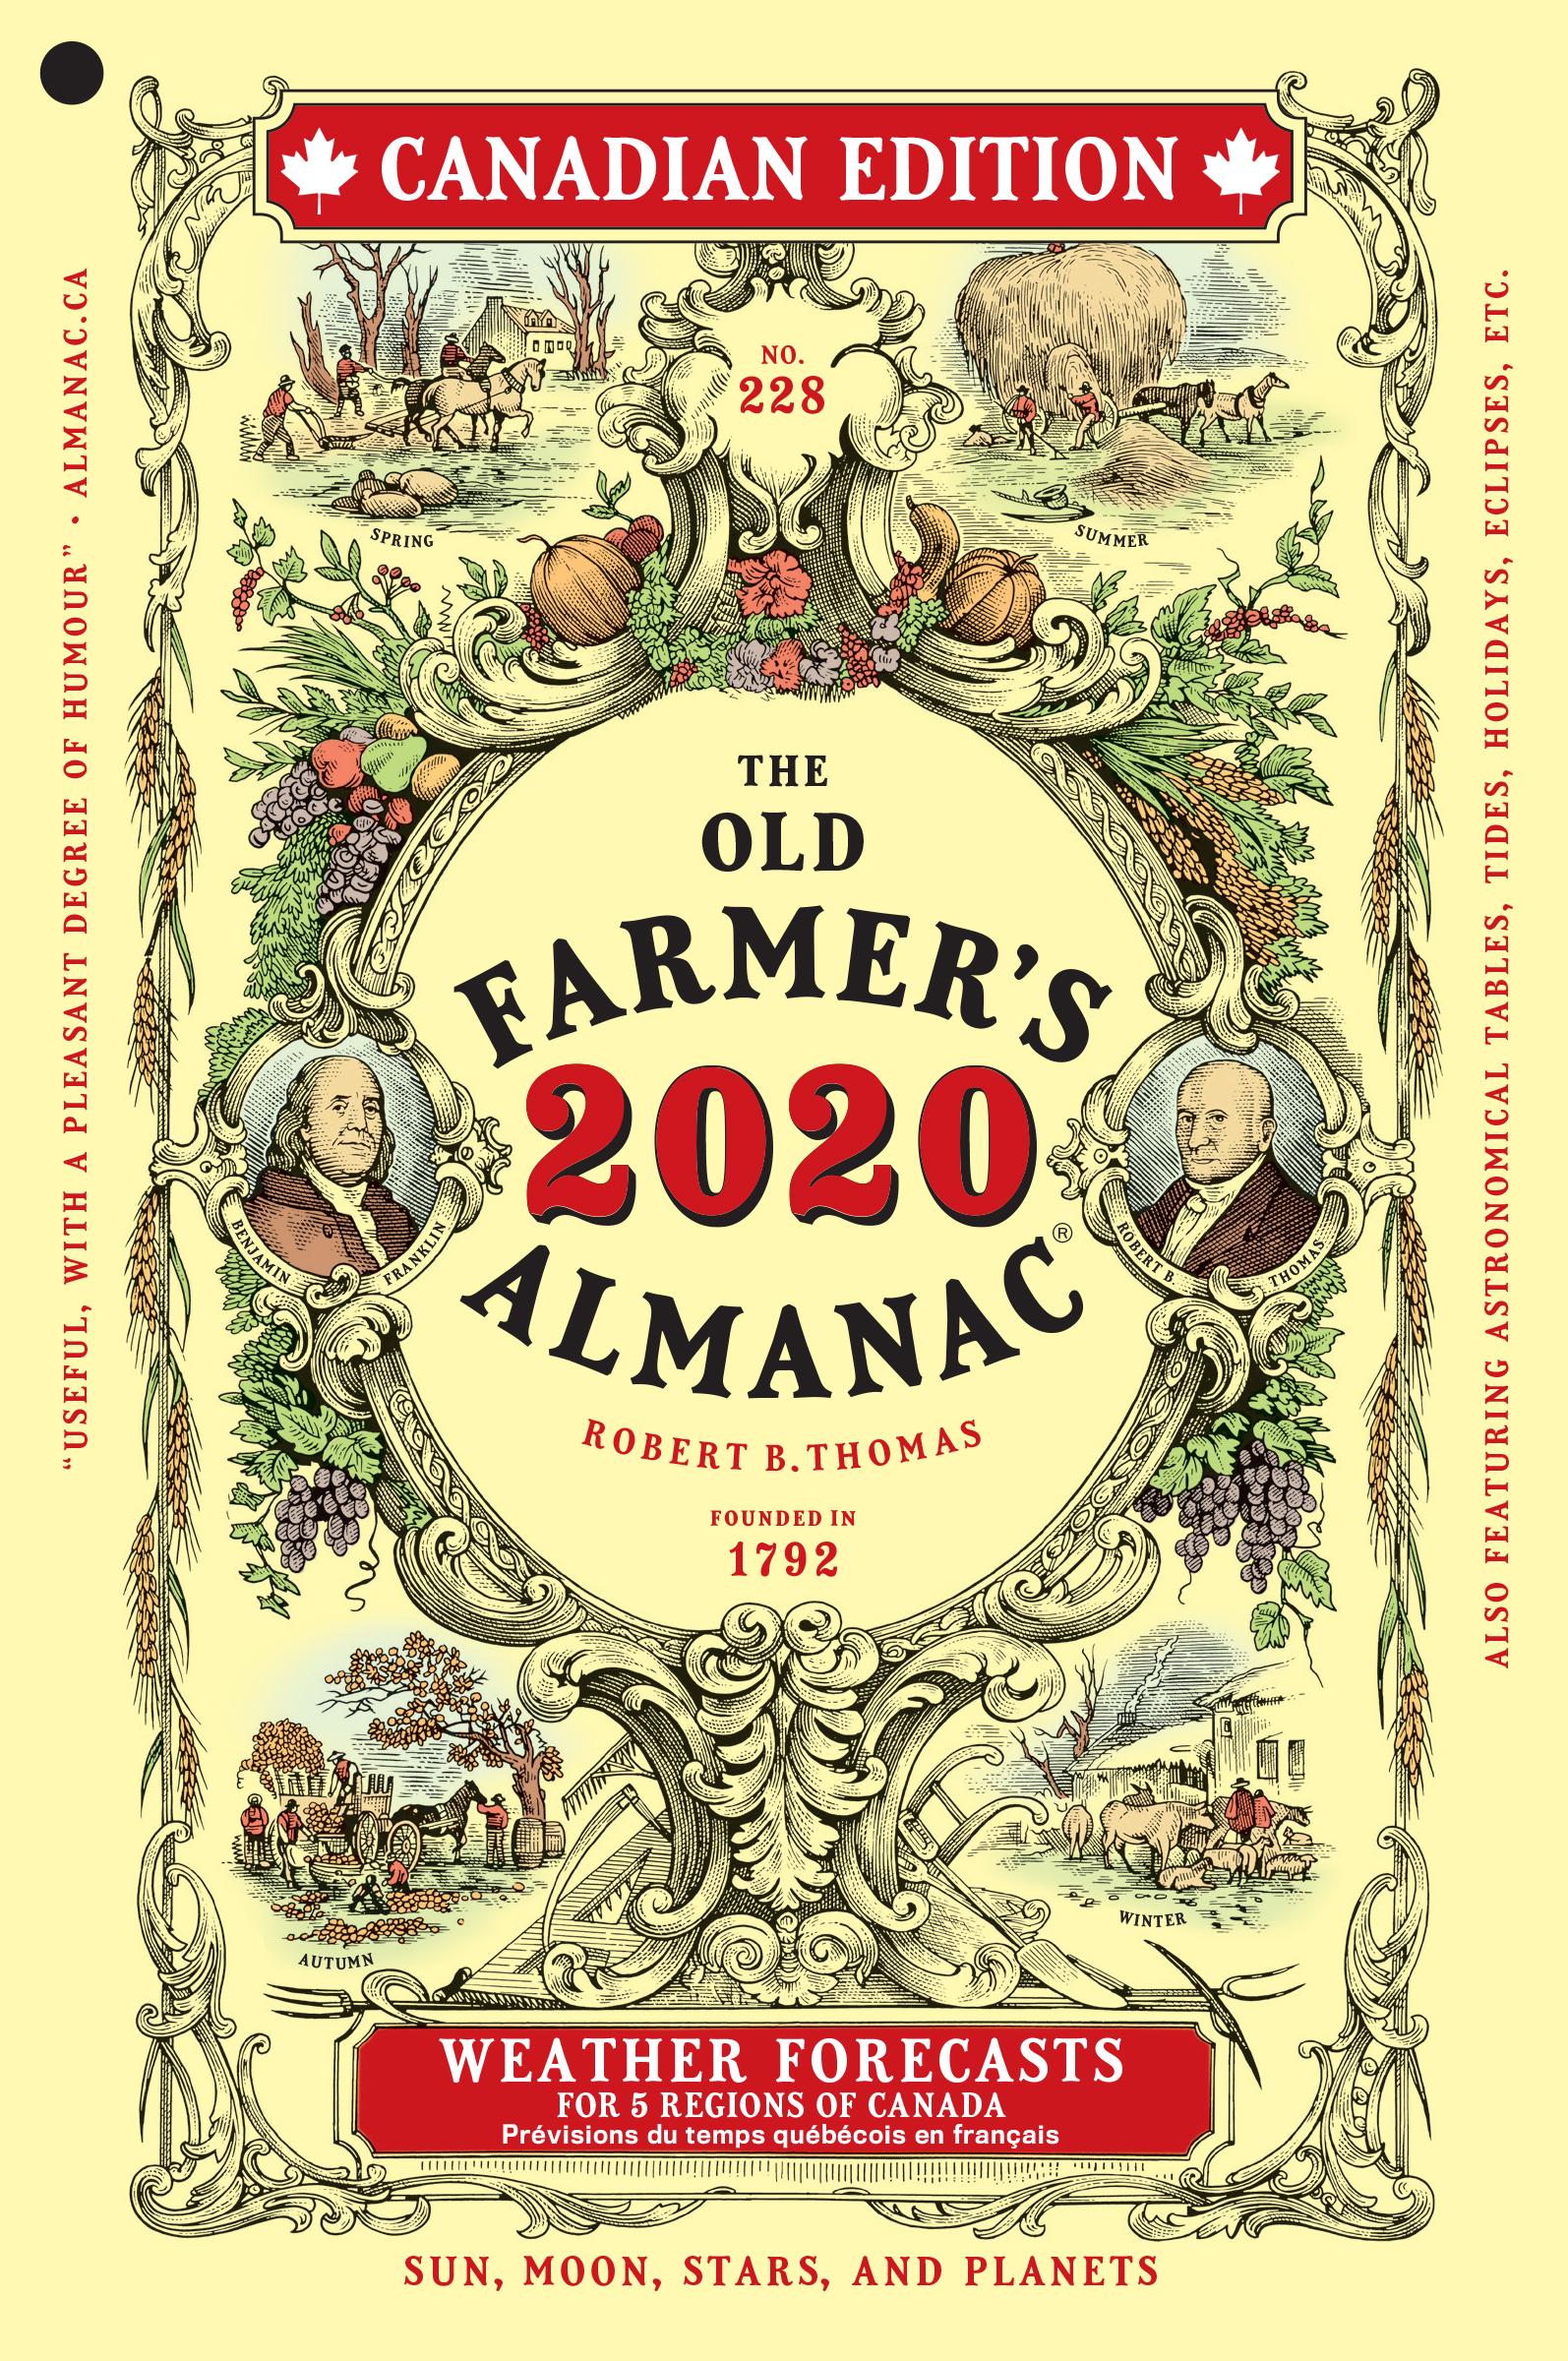 The 2020 Old Farmer's Almanac | Old Farmer's Almanac